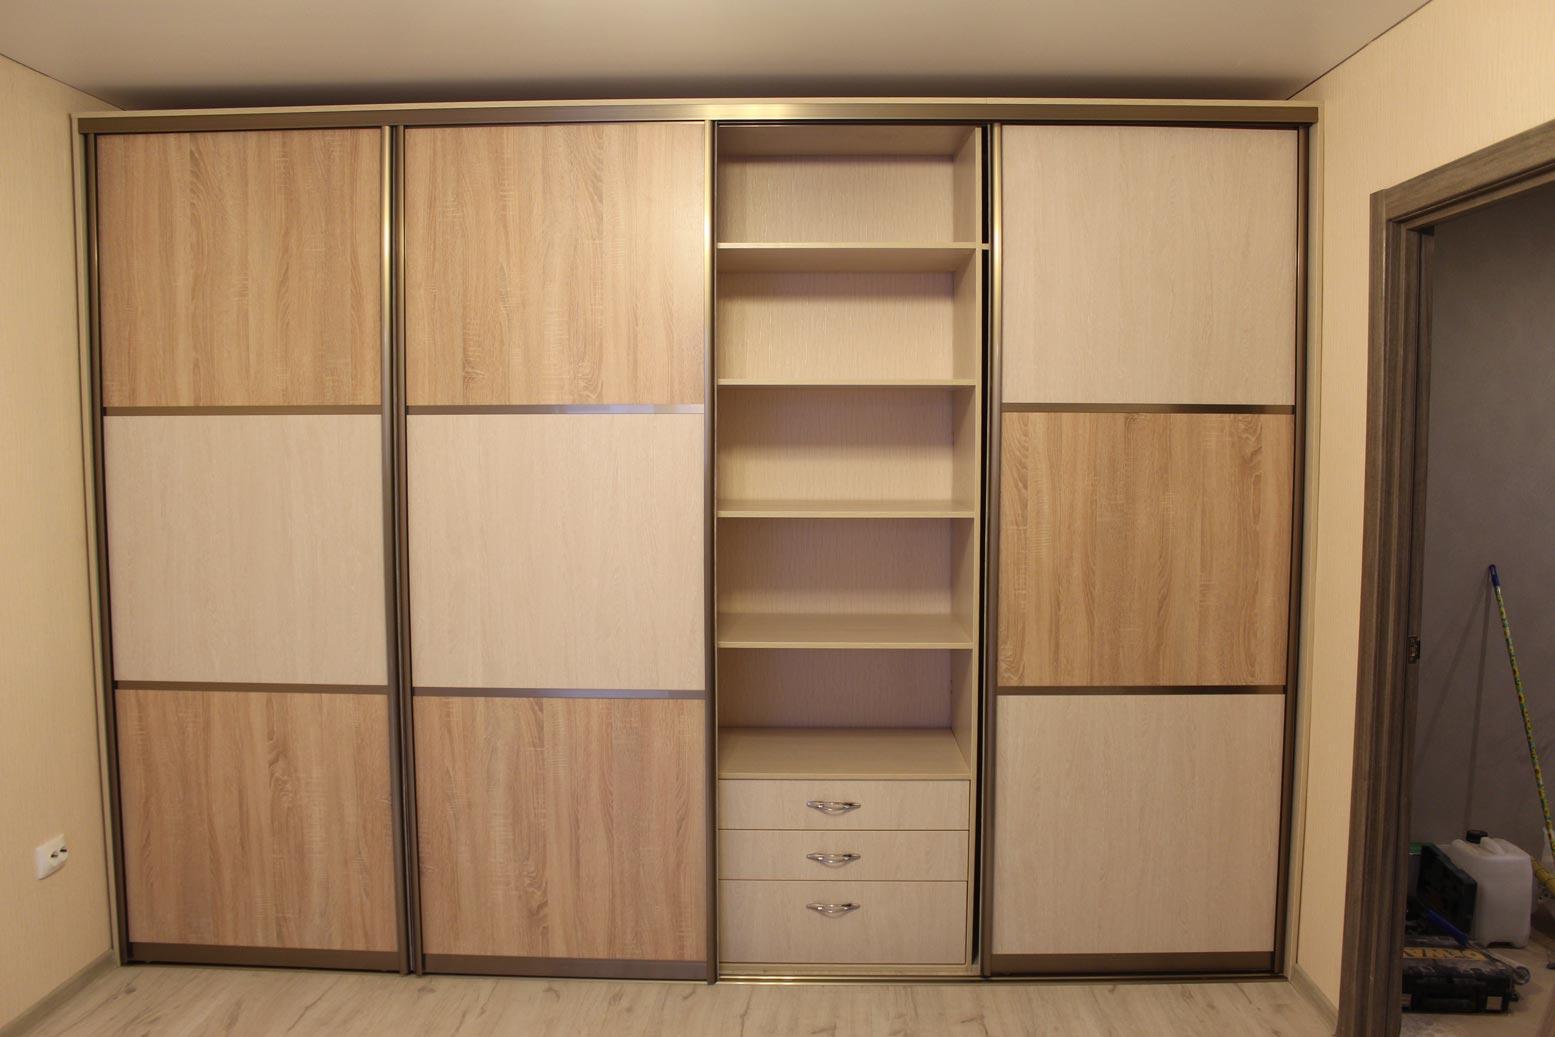 Наполнение шкафа поделено на четыре равные части